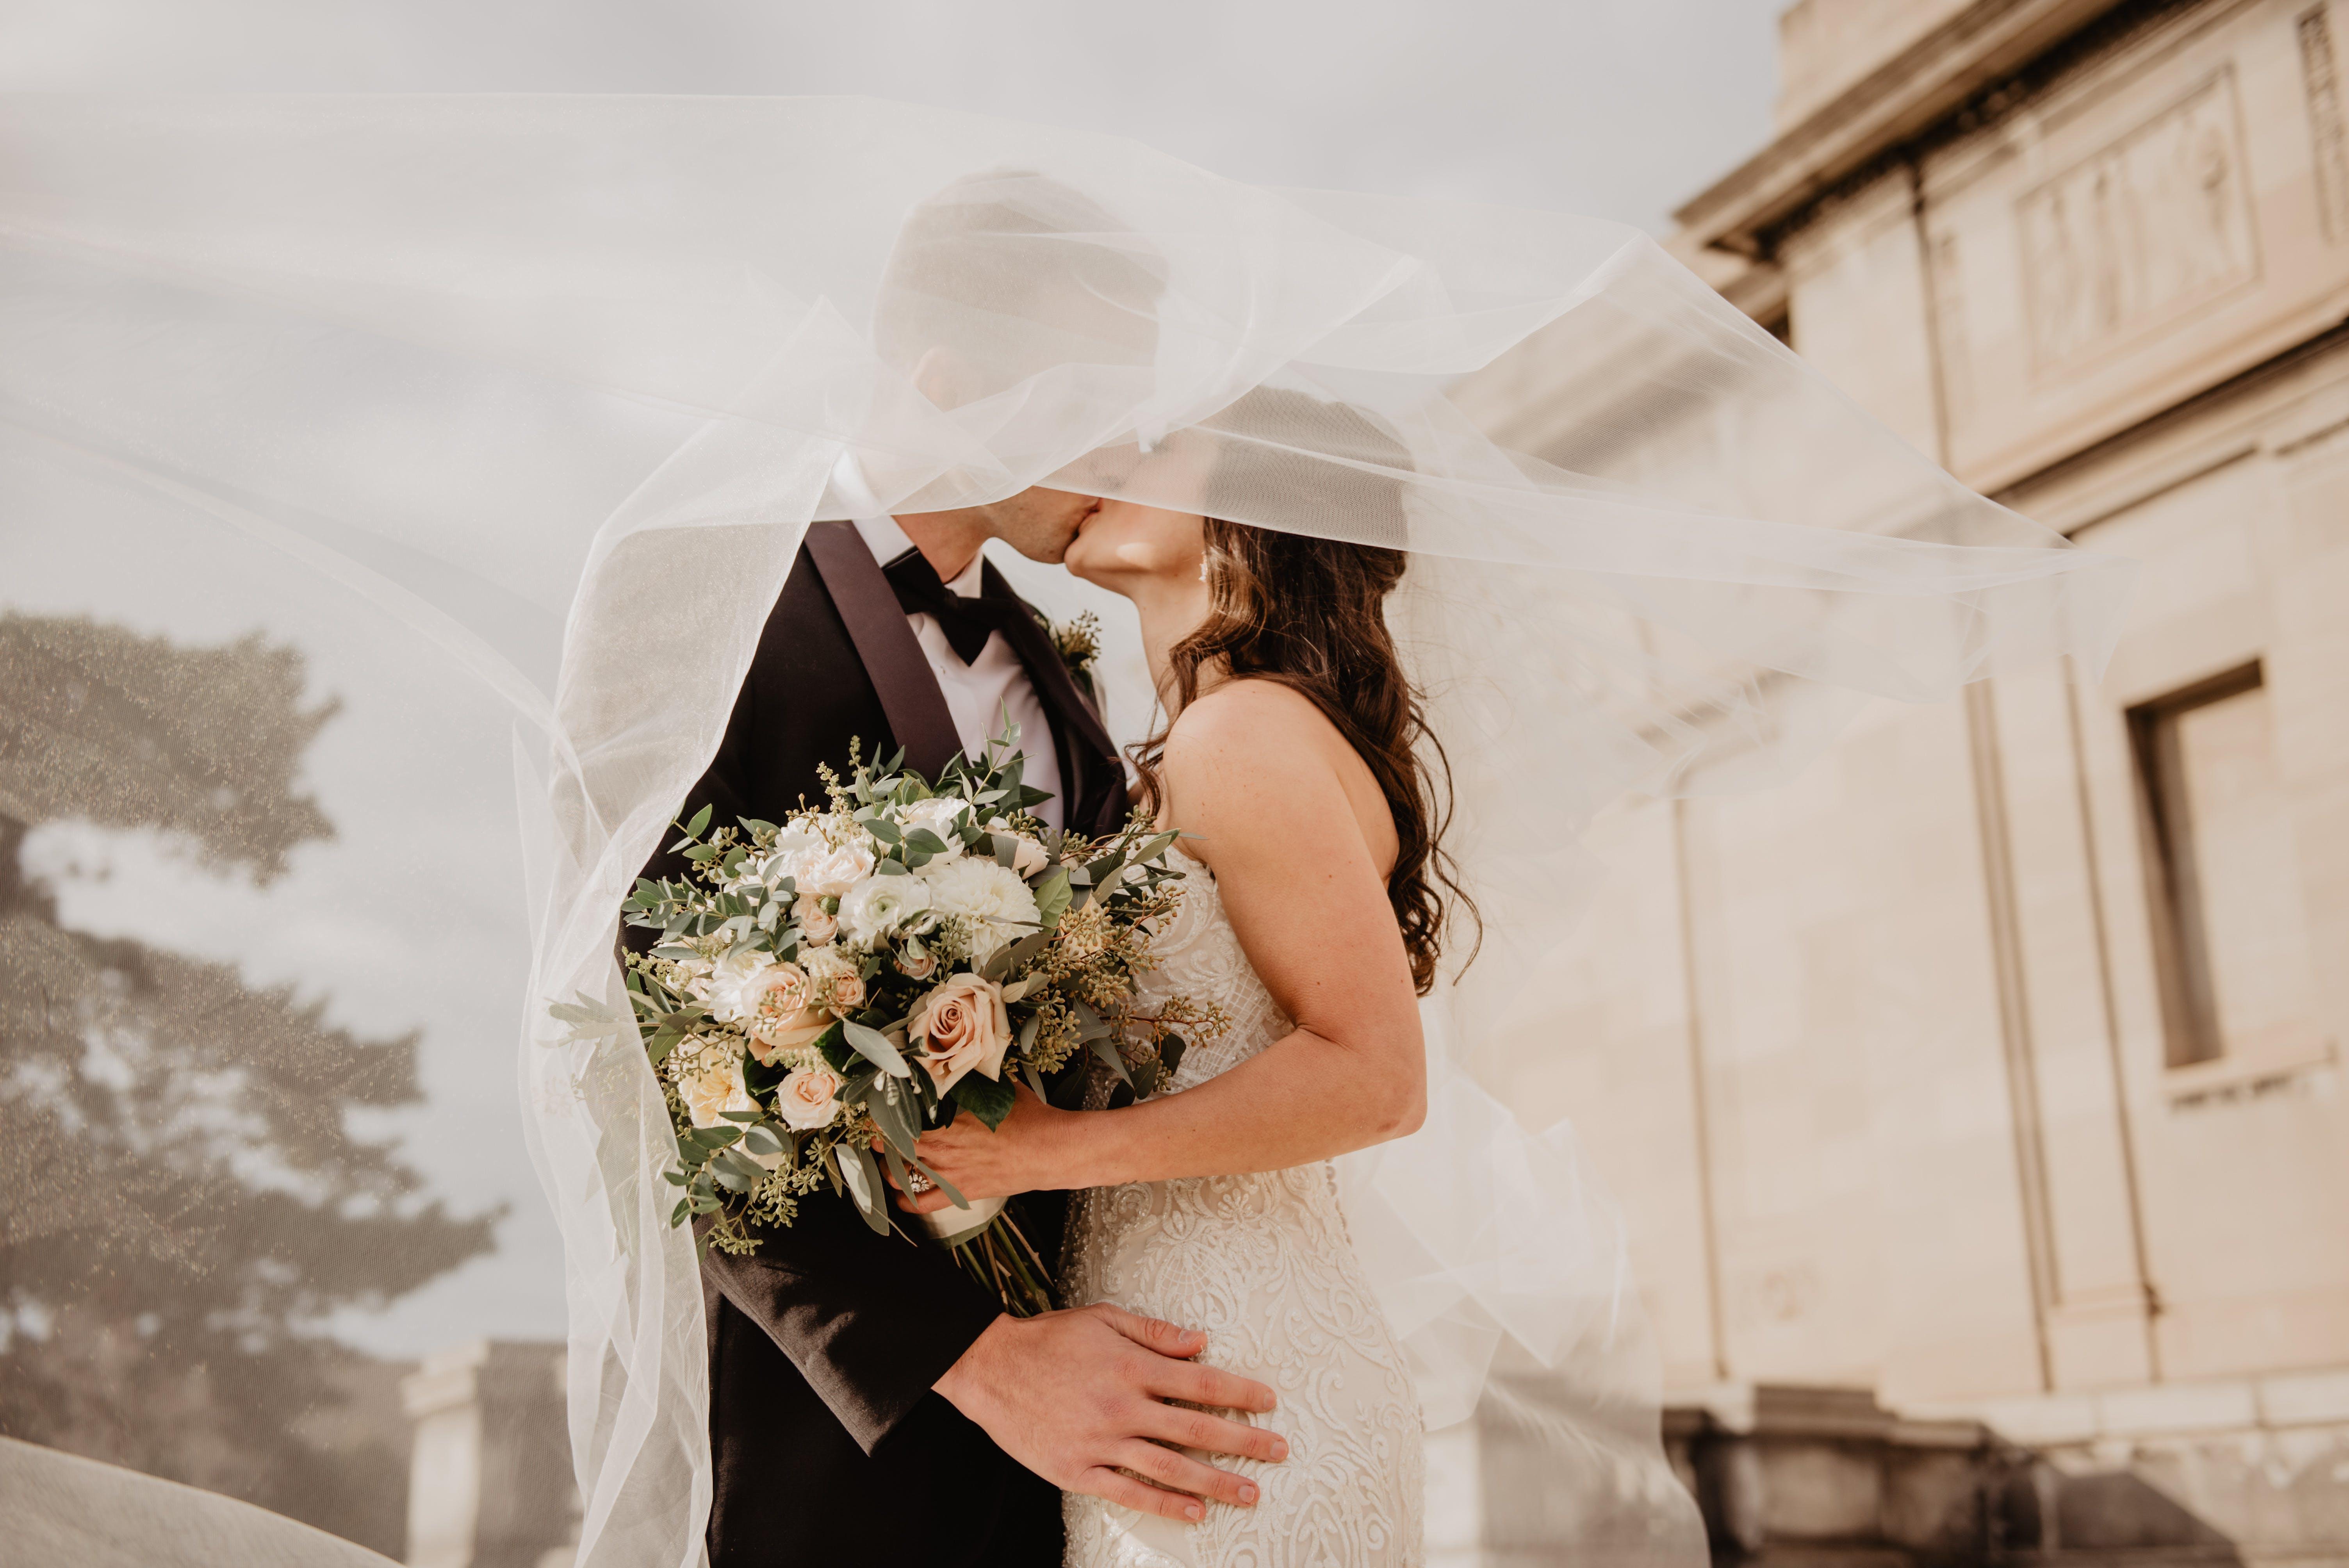 Kostenloses Stock Foto zu blumen, blumenstrauß, braut, braut und bräutigam